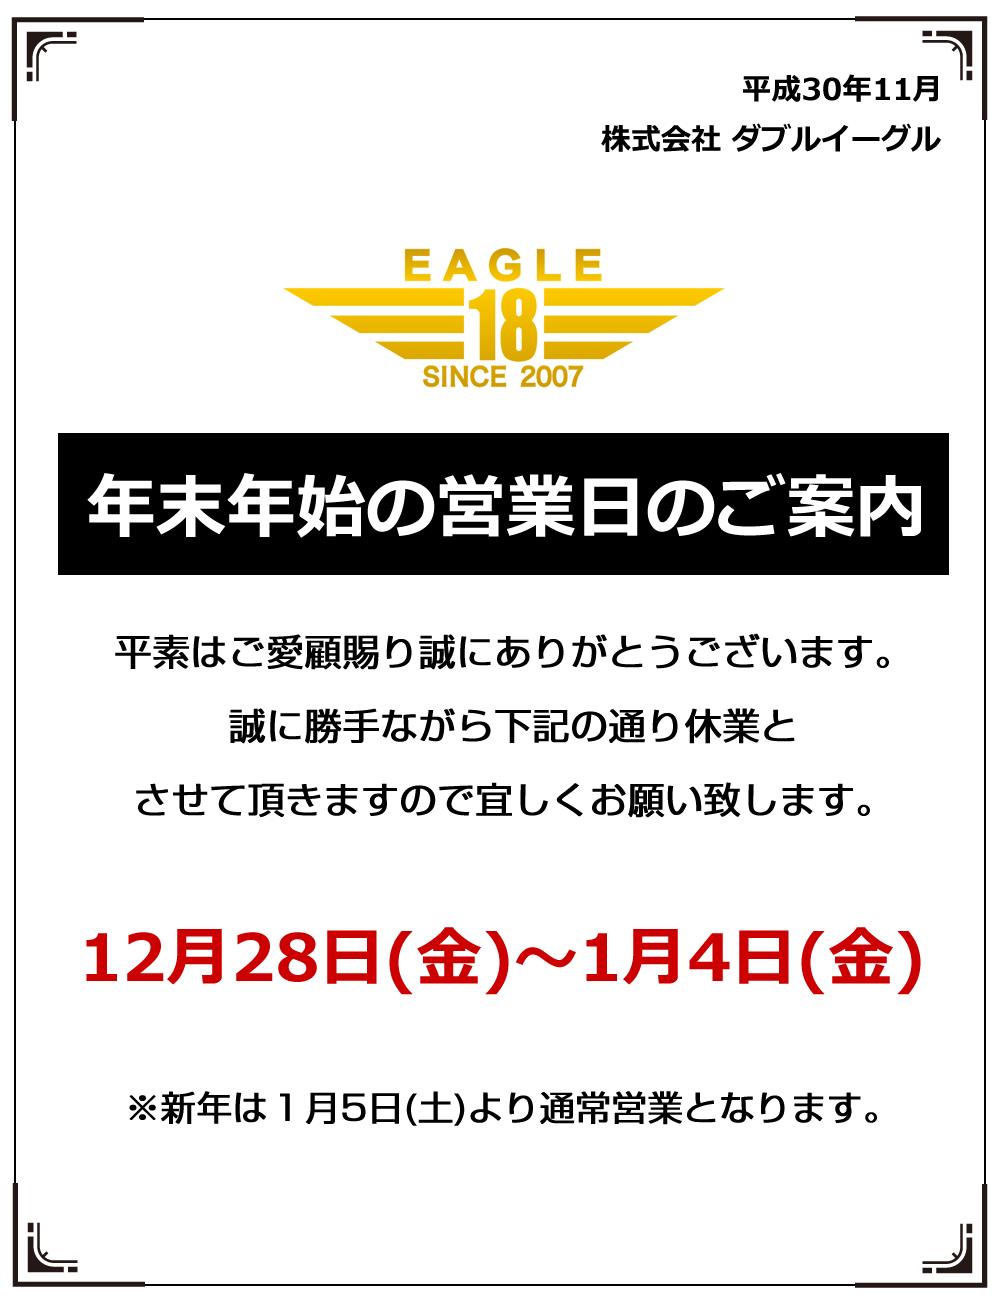 東京 町田 イーグル18 年始の営業日のご案内 2018年から2019年